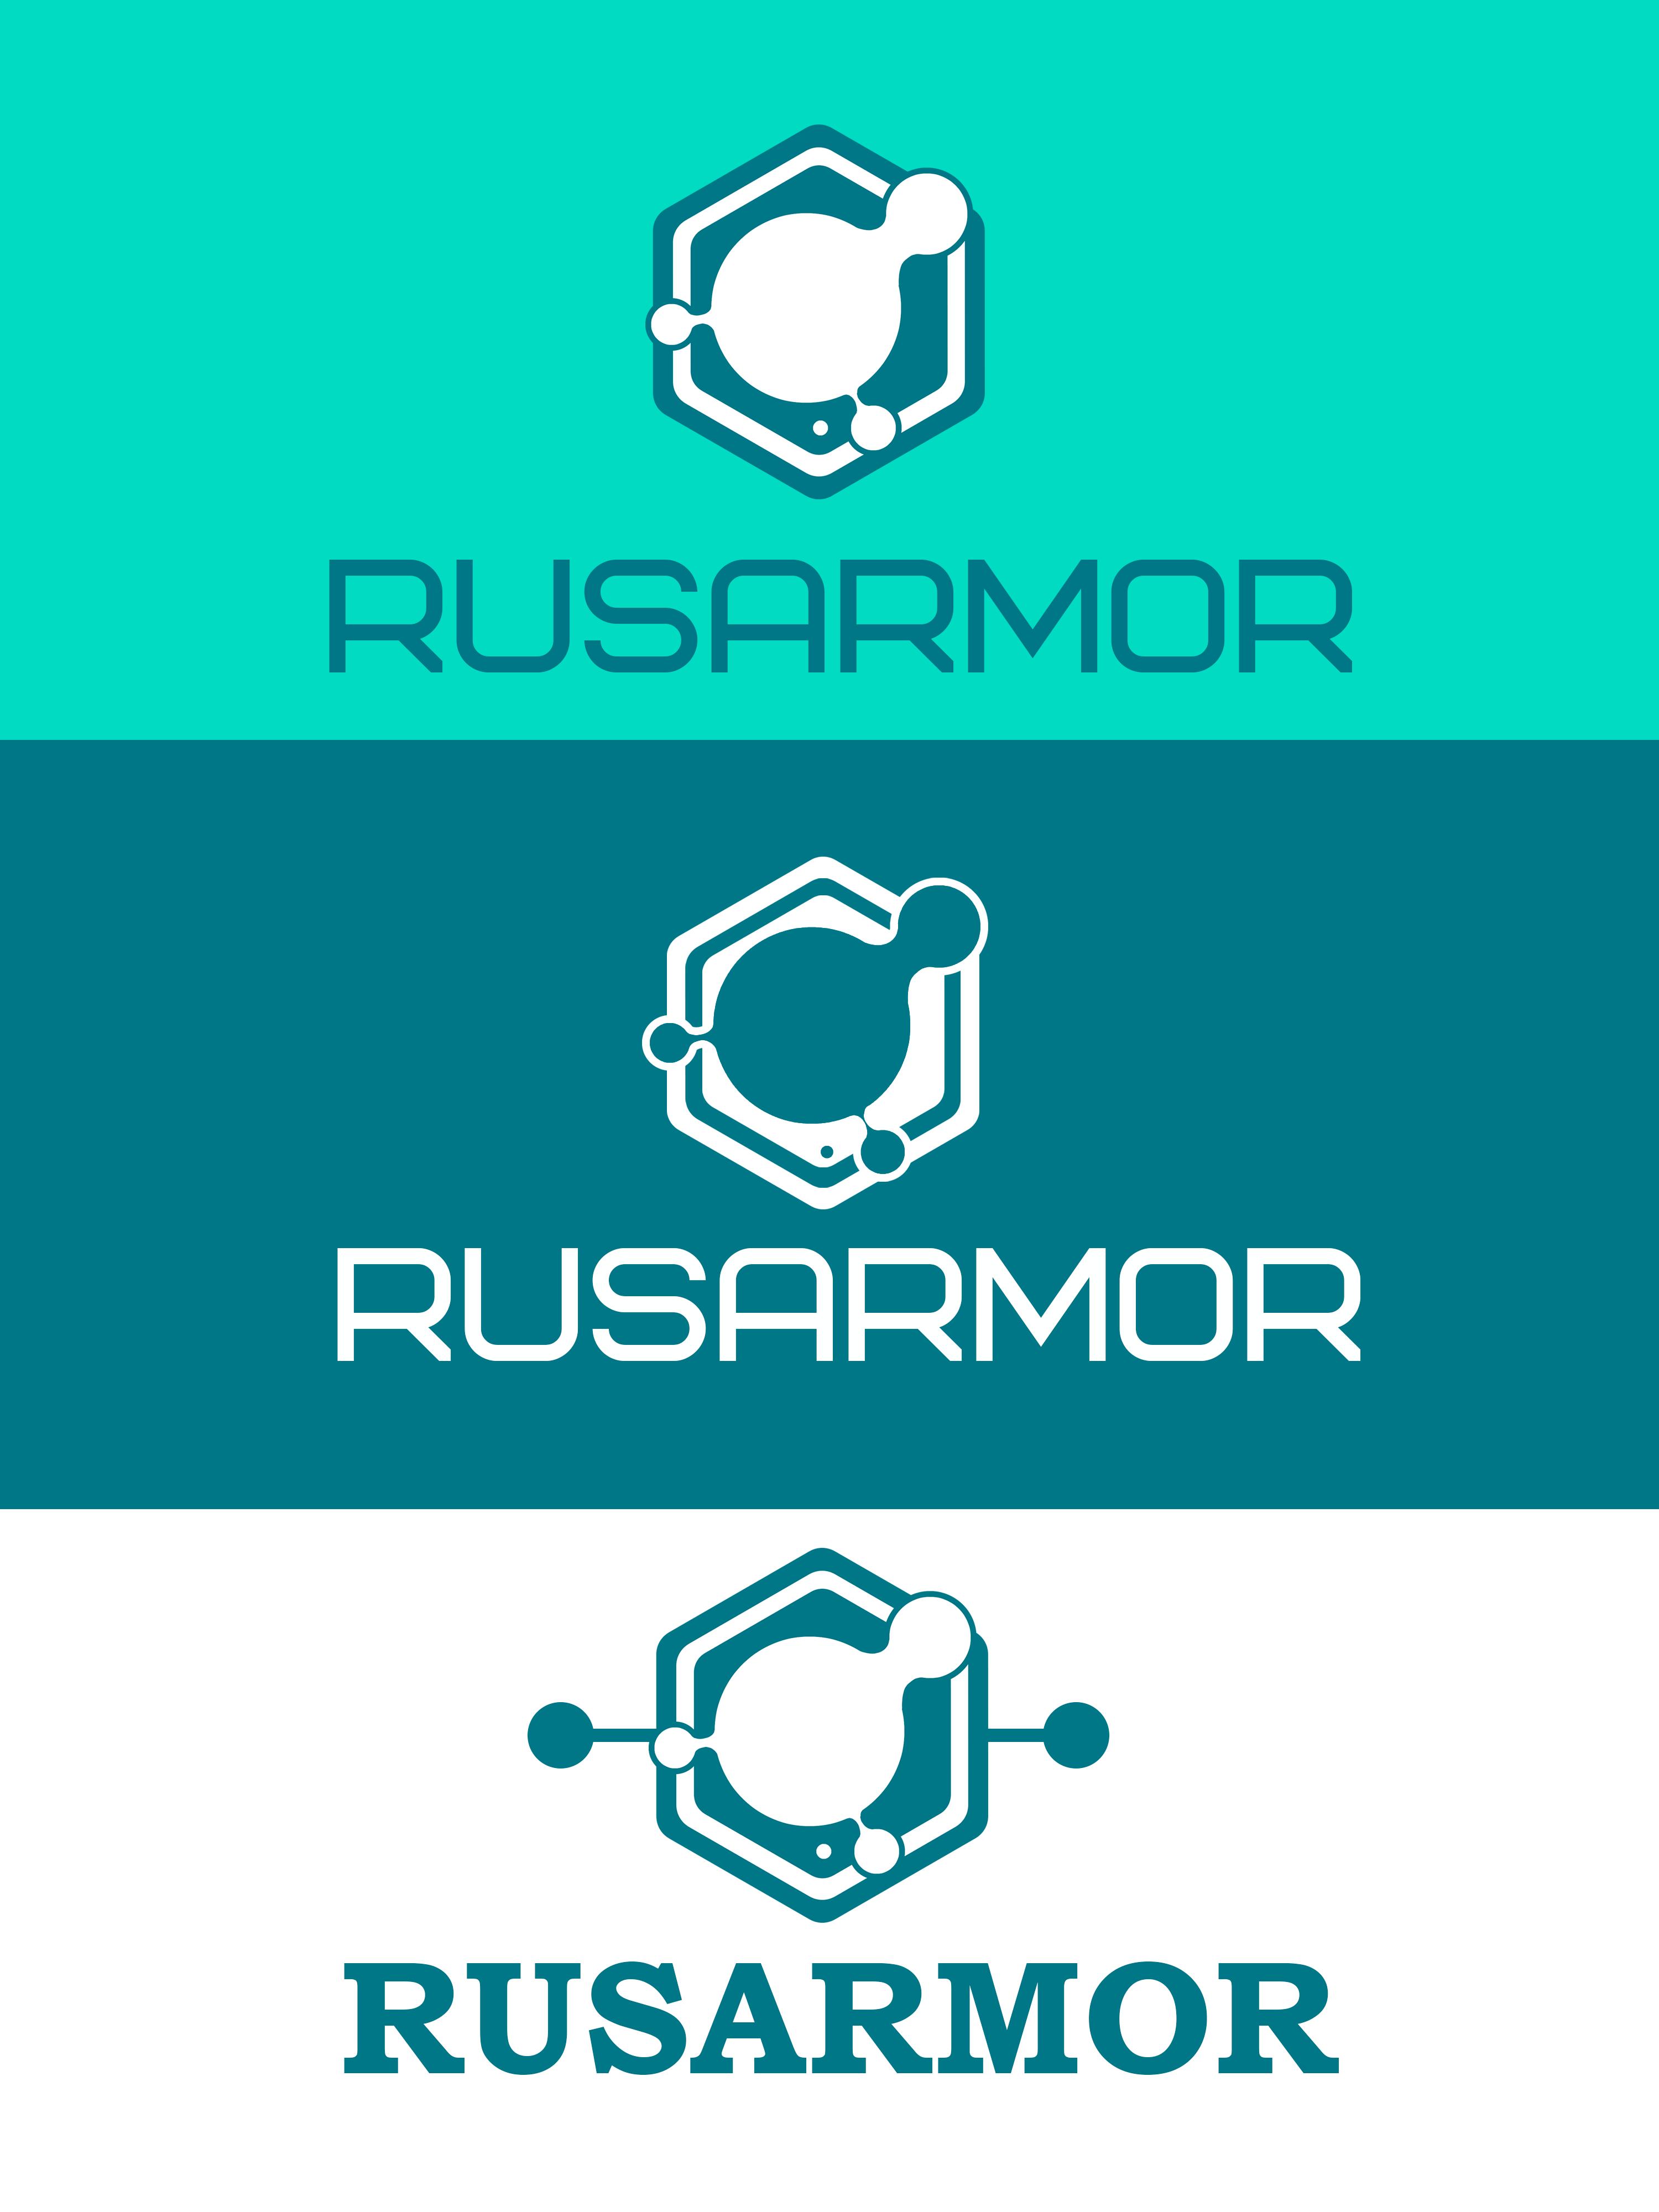 Разработка логотипа технологического стартапа РУСАРМОР фото f_8965a0ea3577fe7c.png